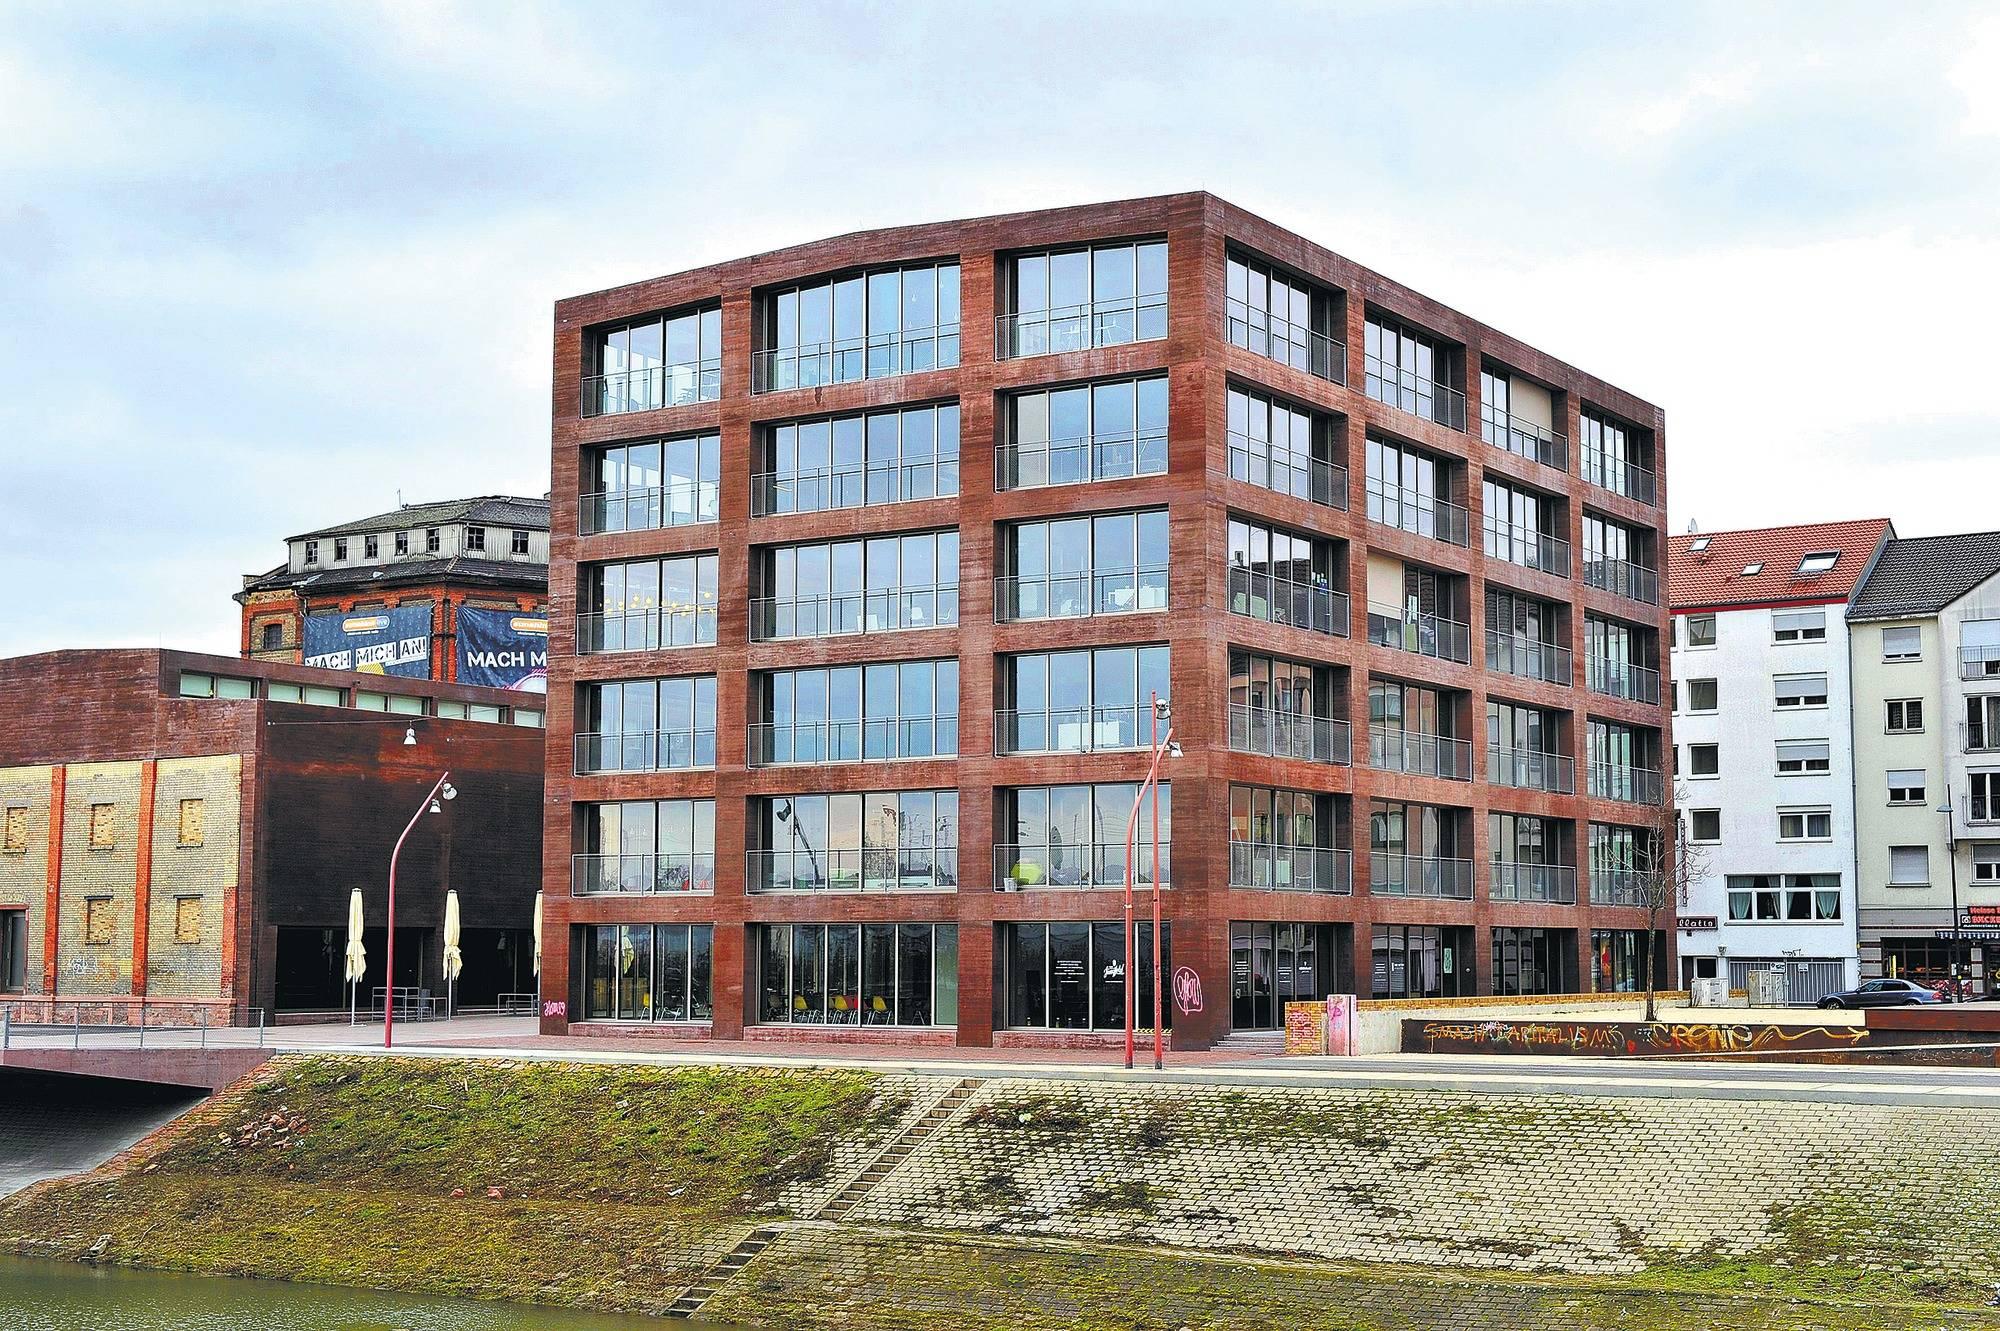 Architekten In Mannheim diese architektur in mannheim kann sich sehen lassen nachrichten